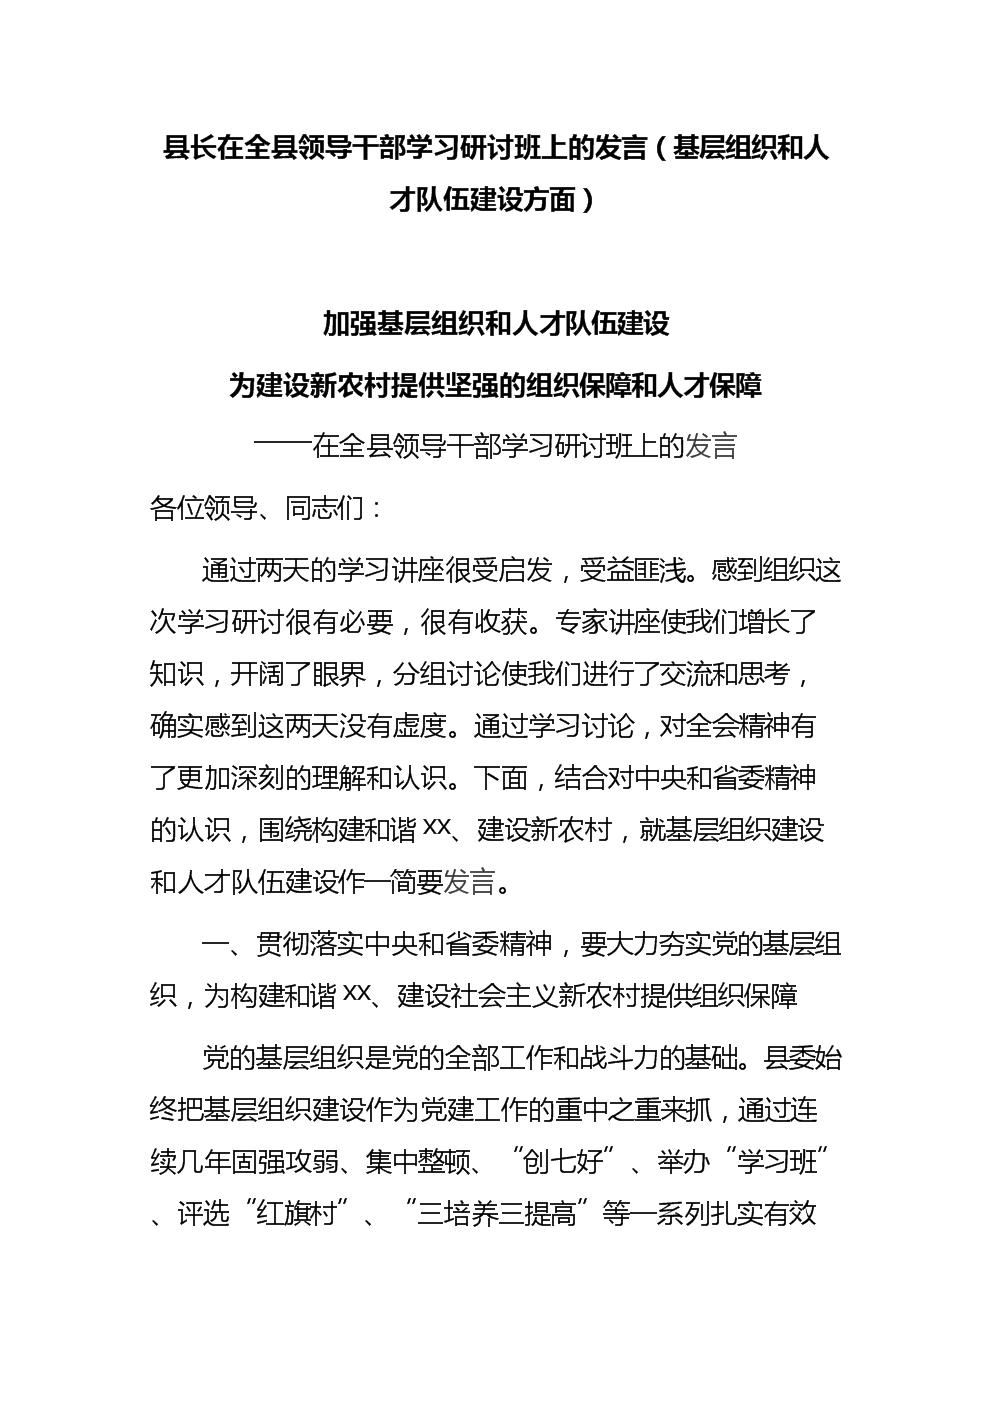 县长在全县领导干部学习研讨班上的发言(基层组织和人才队伍建设方面).docx